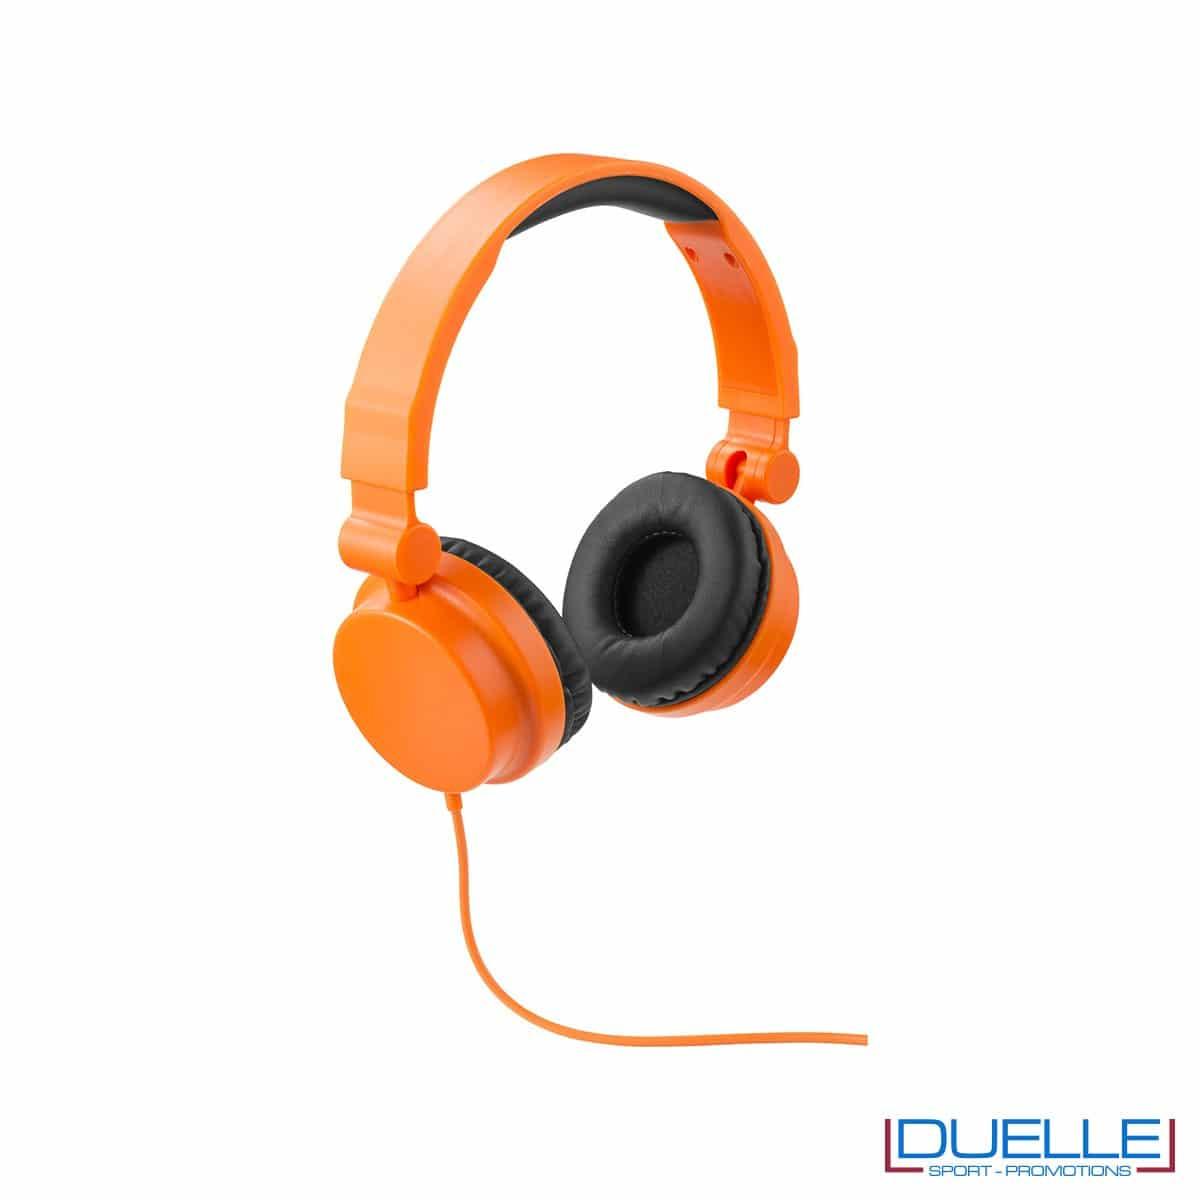 cuffie pieghevoli personalizzate promozionali in colore arancione, cuffie promozionali personalizzate